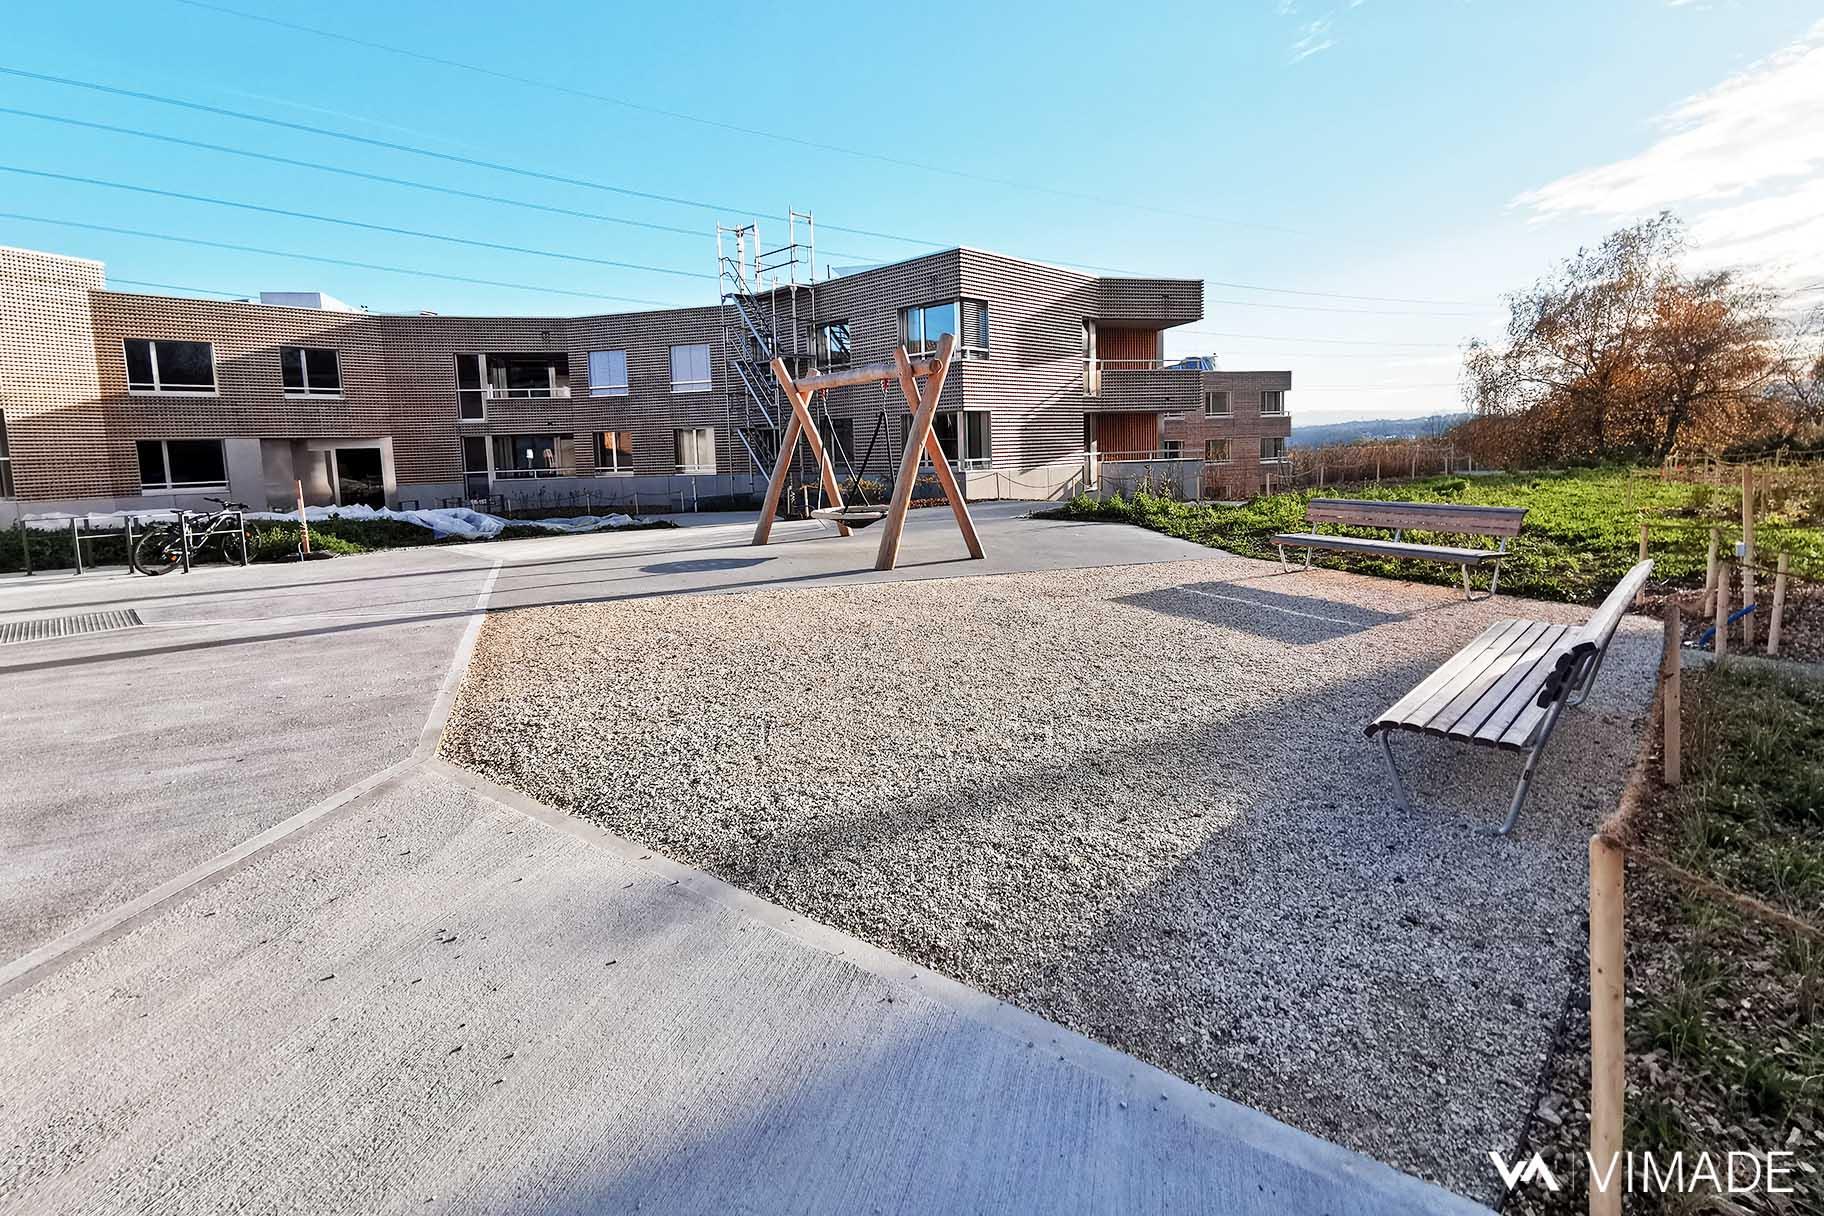 Place en stabilisé calcaire avec bancs et éléments de jeux en bois avec béton balayé, VIMADE Architectes paysagistes